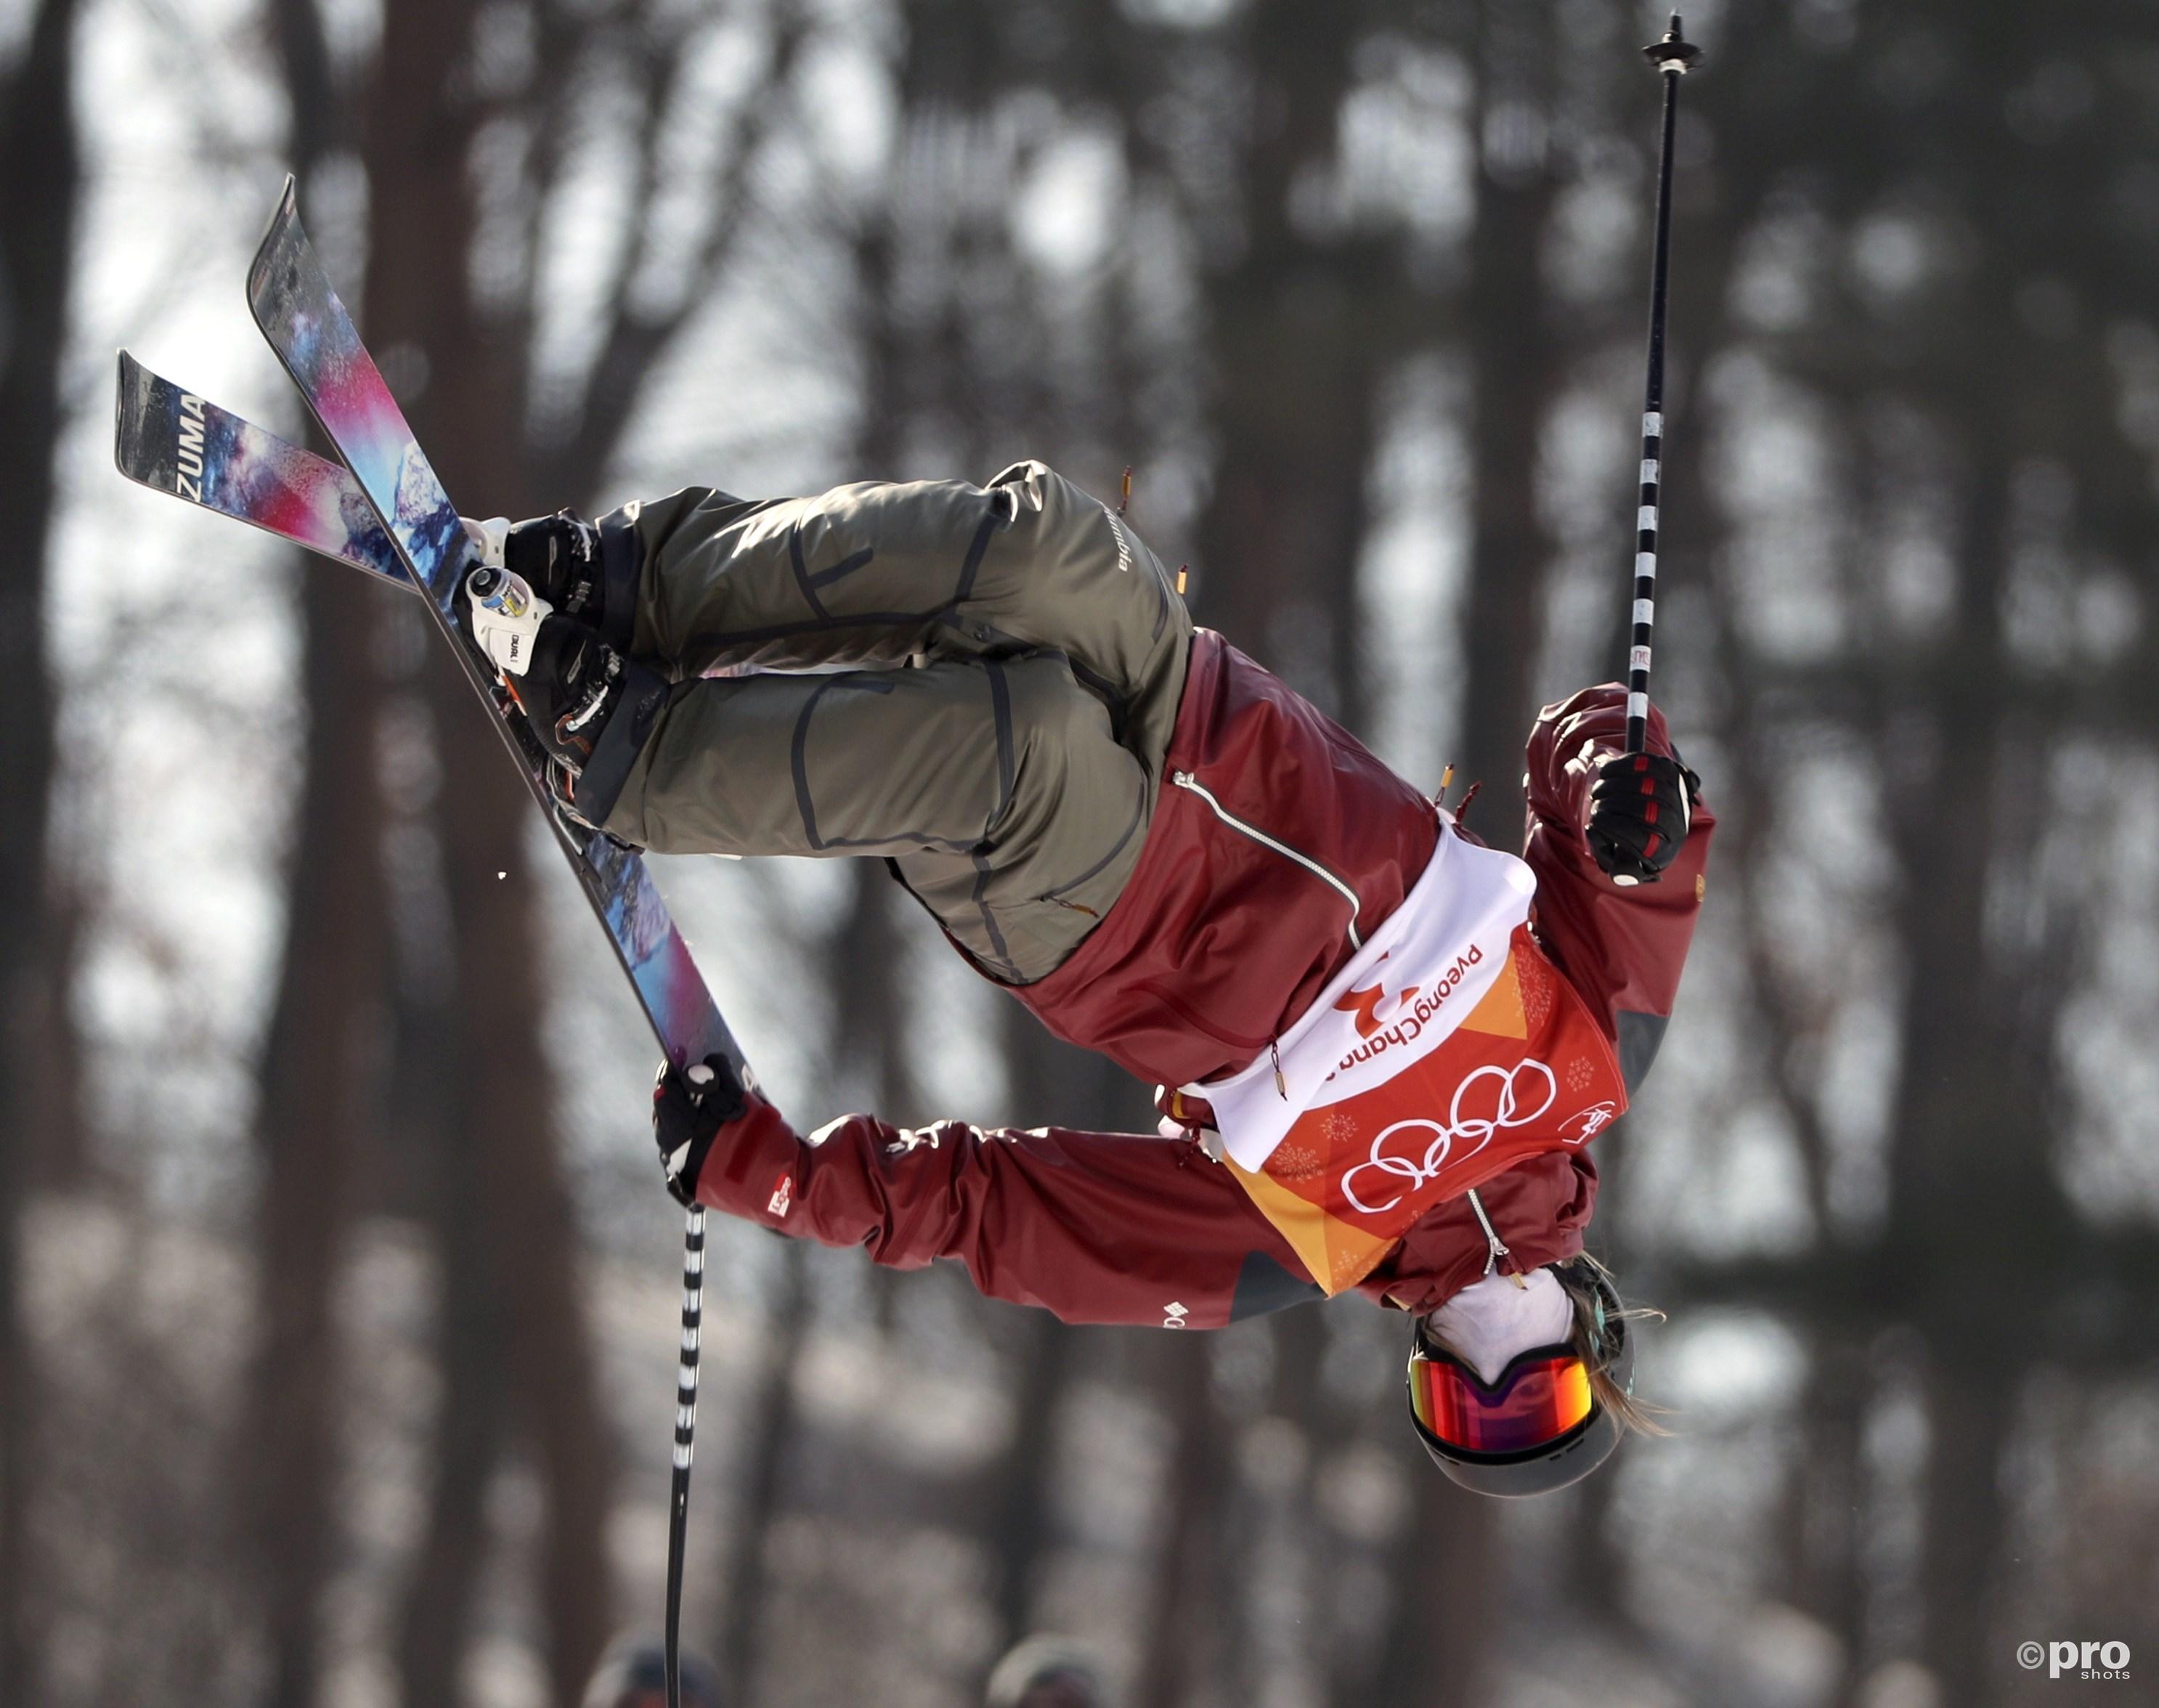 Canadees skigoud op halfpipe vrouwen (Pro Shots / Action Images)